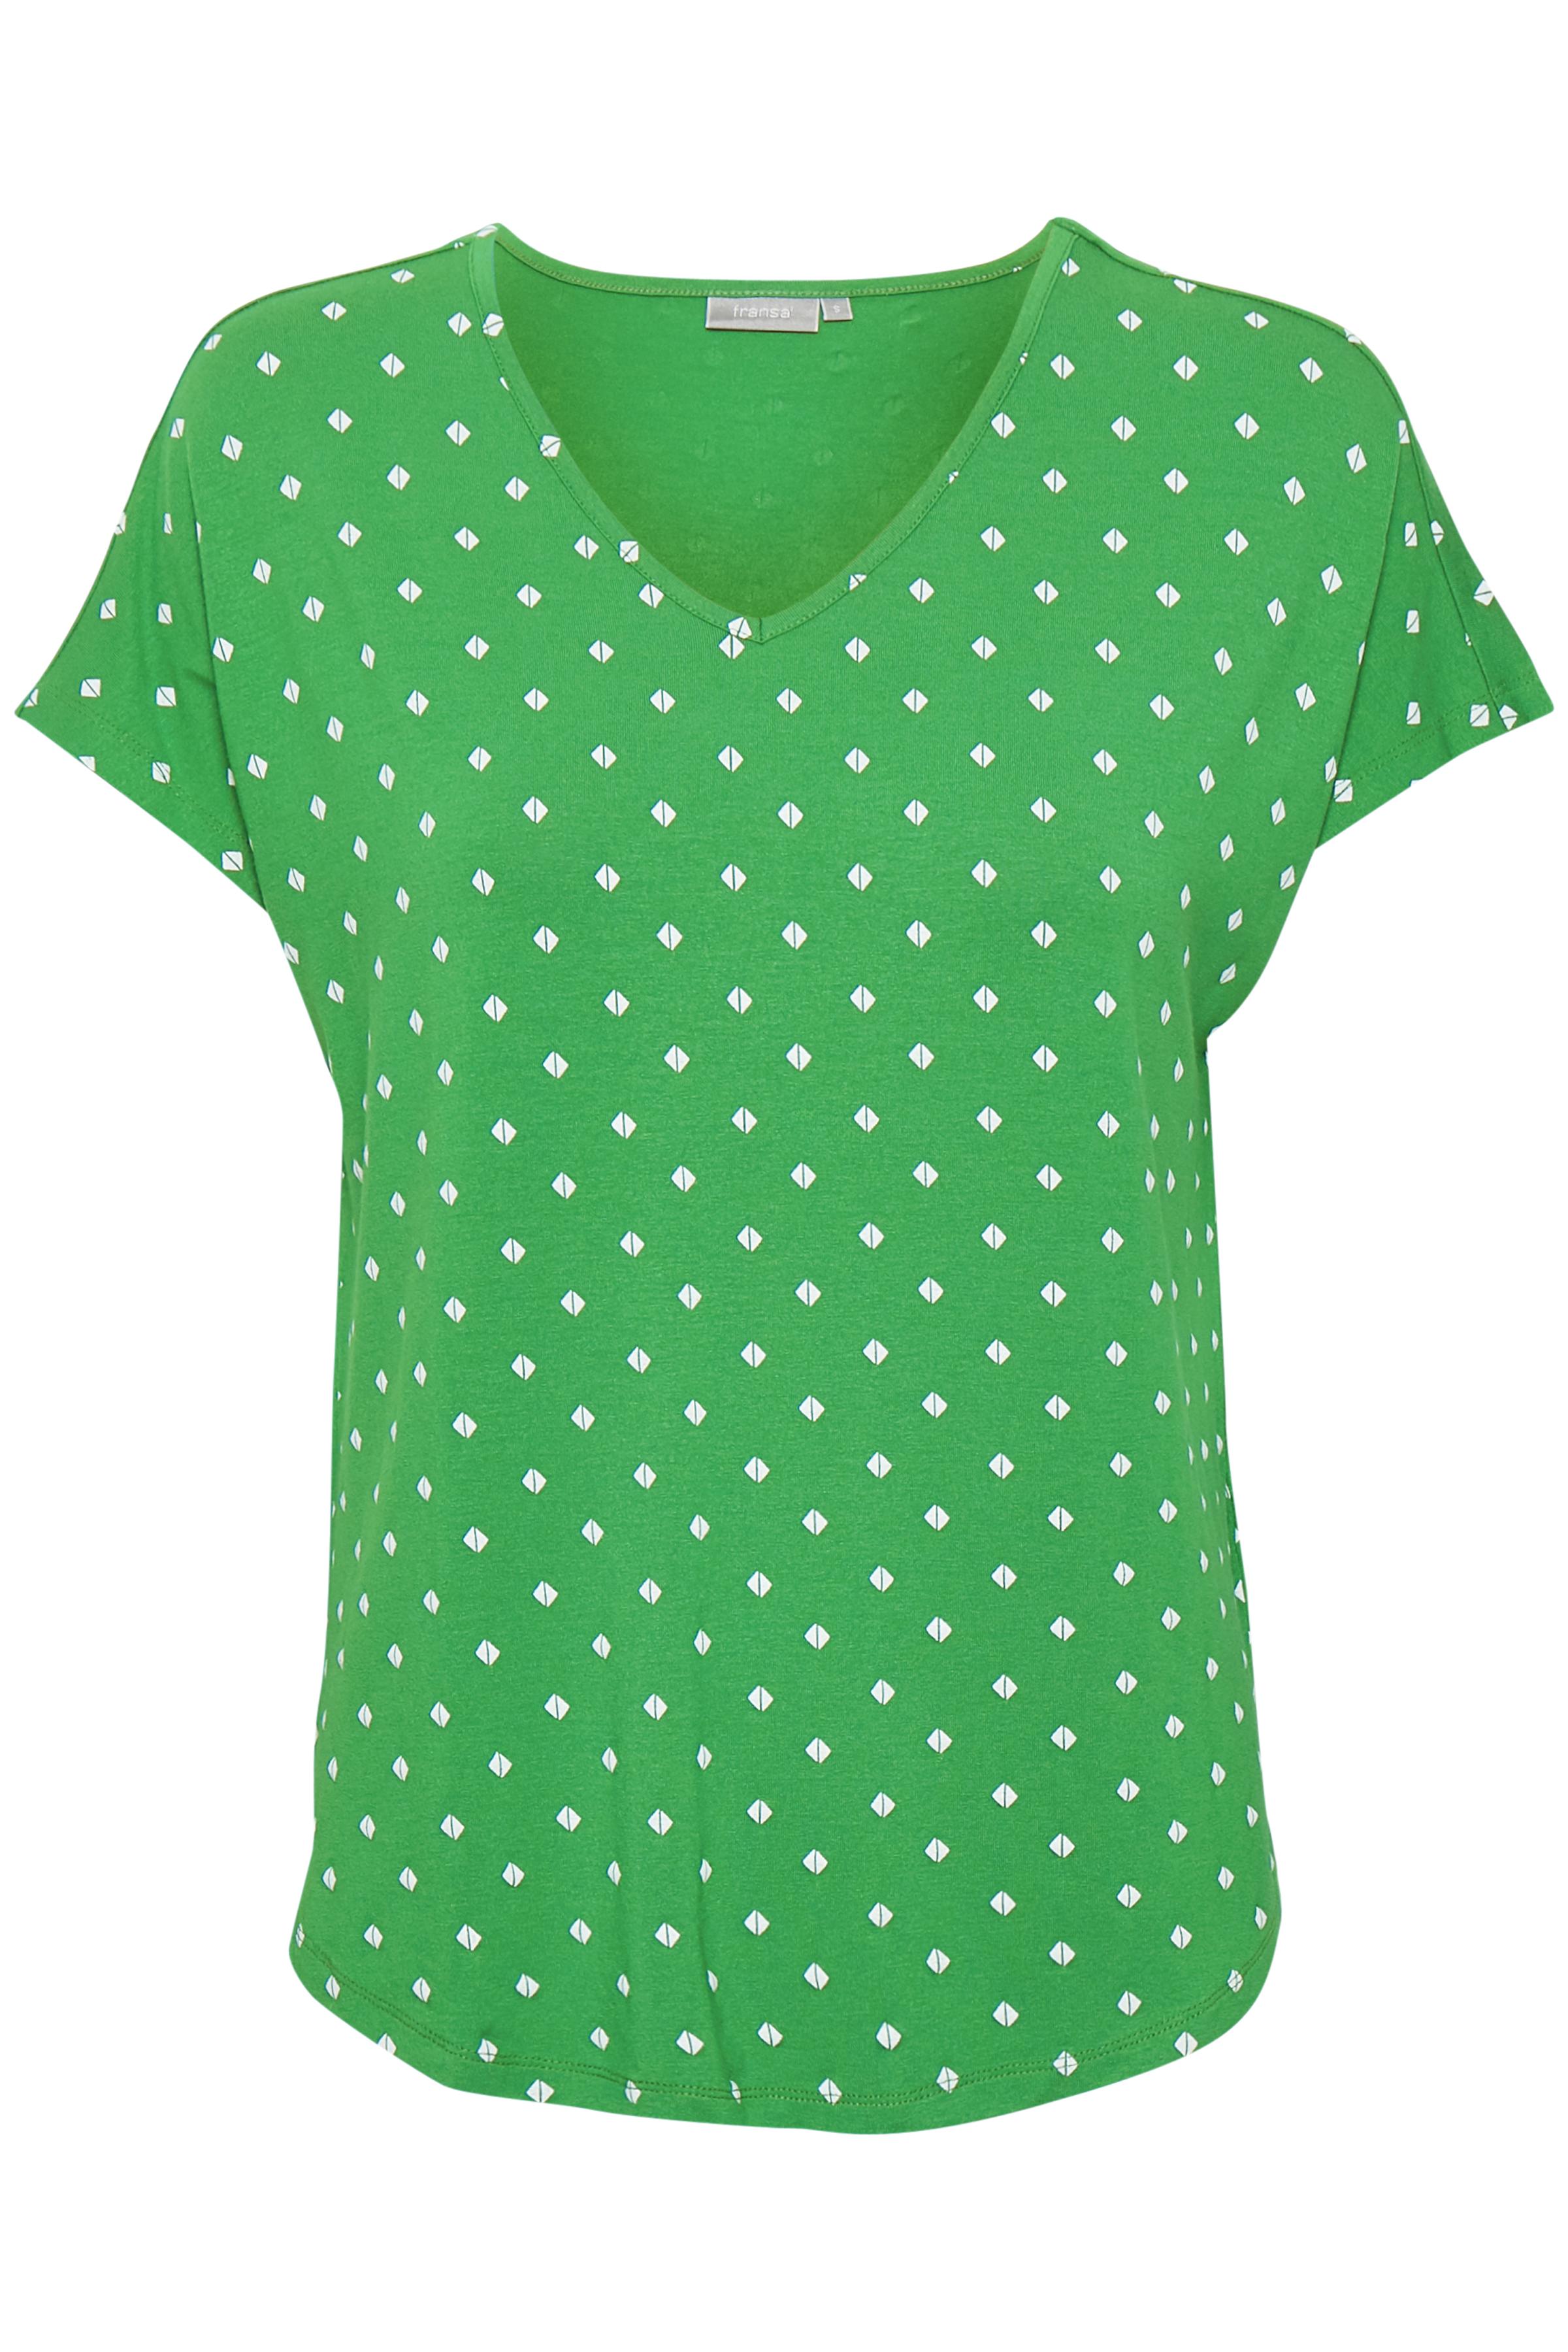 Grön/vit Kortärmad T-shirt från Fransa – Köp Grön/vit Kortärmad T-shirt från stl. XS-XXL här